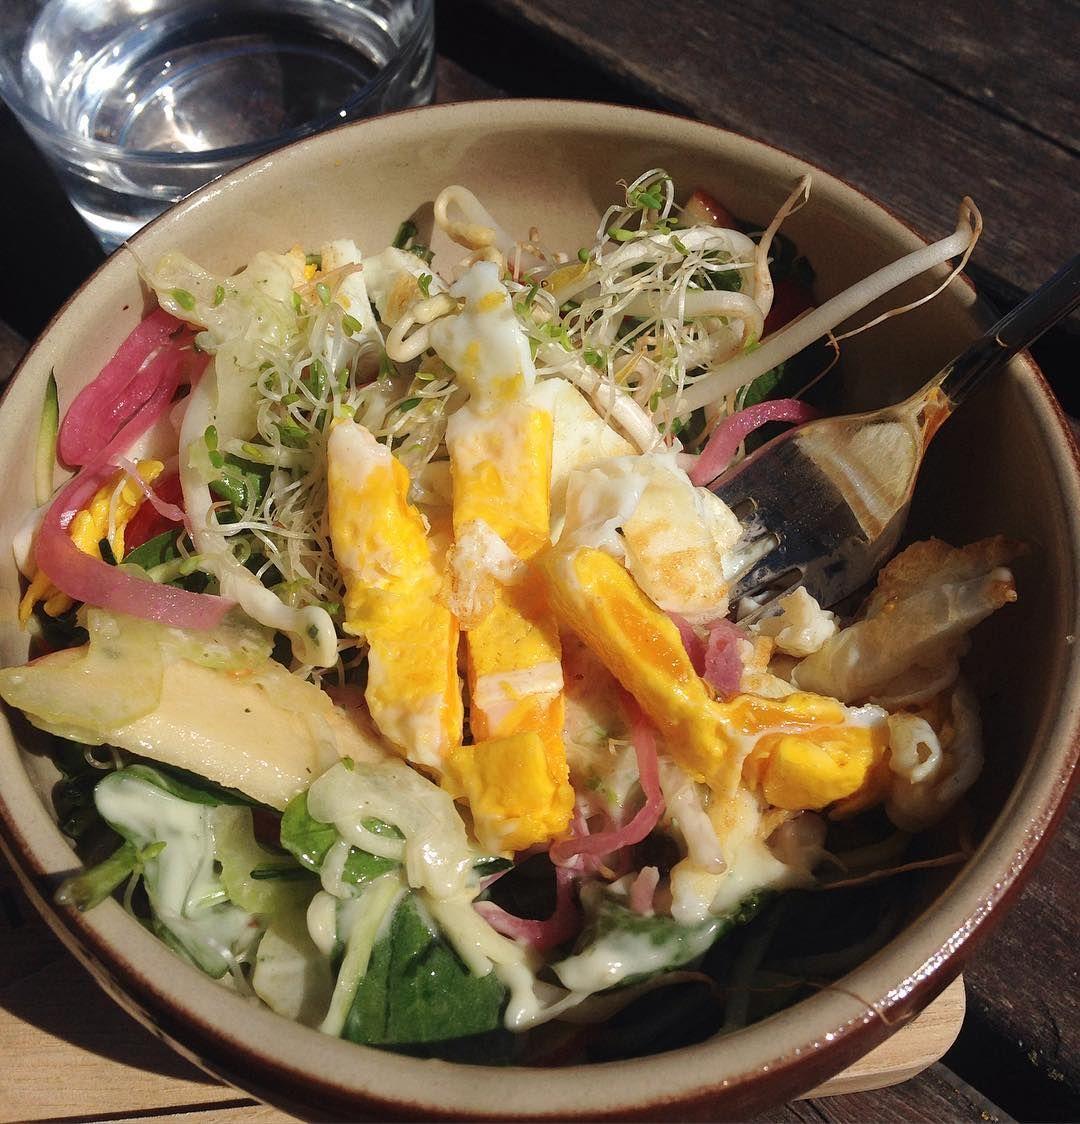 Nam! Beste salaten jeg har spist på lenge - så mye godt på en gang! @lilletoyenkolonial kan det